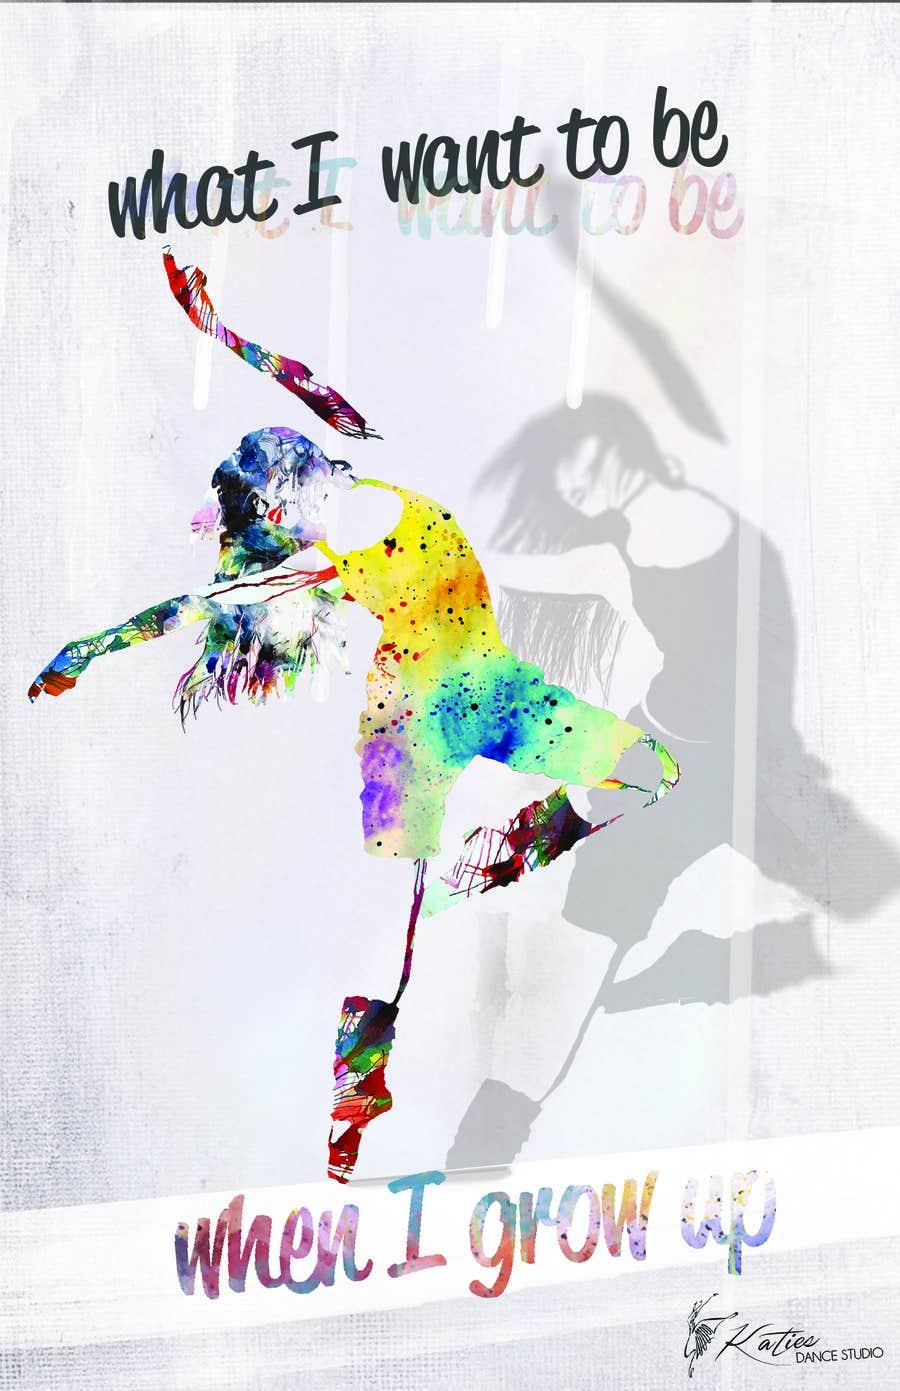 Konkurrenceindlæg #25 for Dance Studio Poster